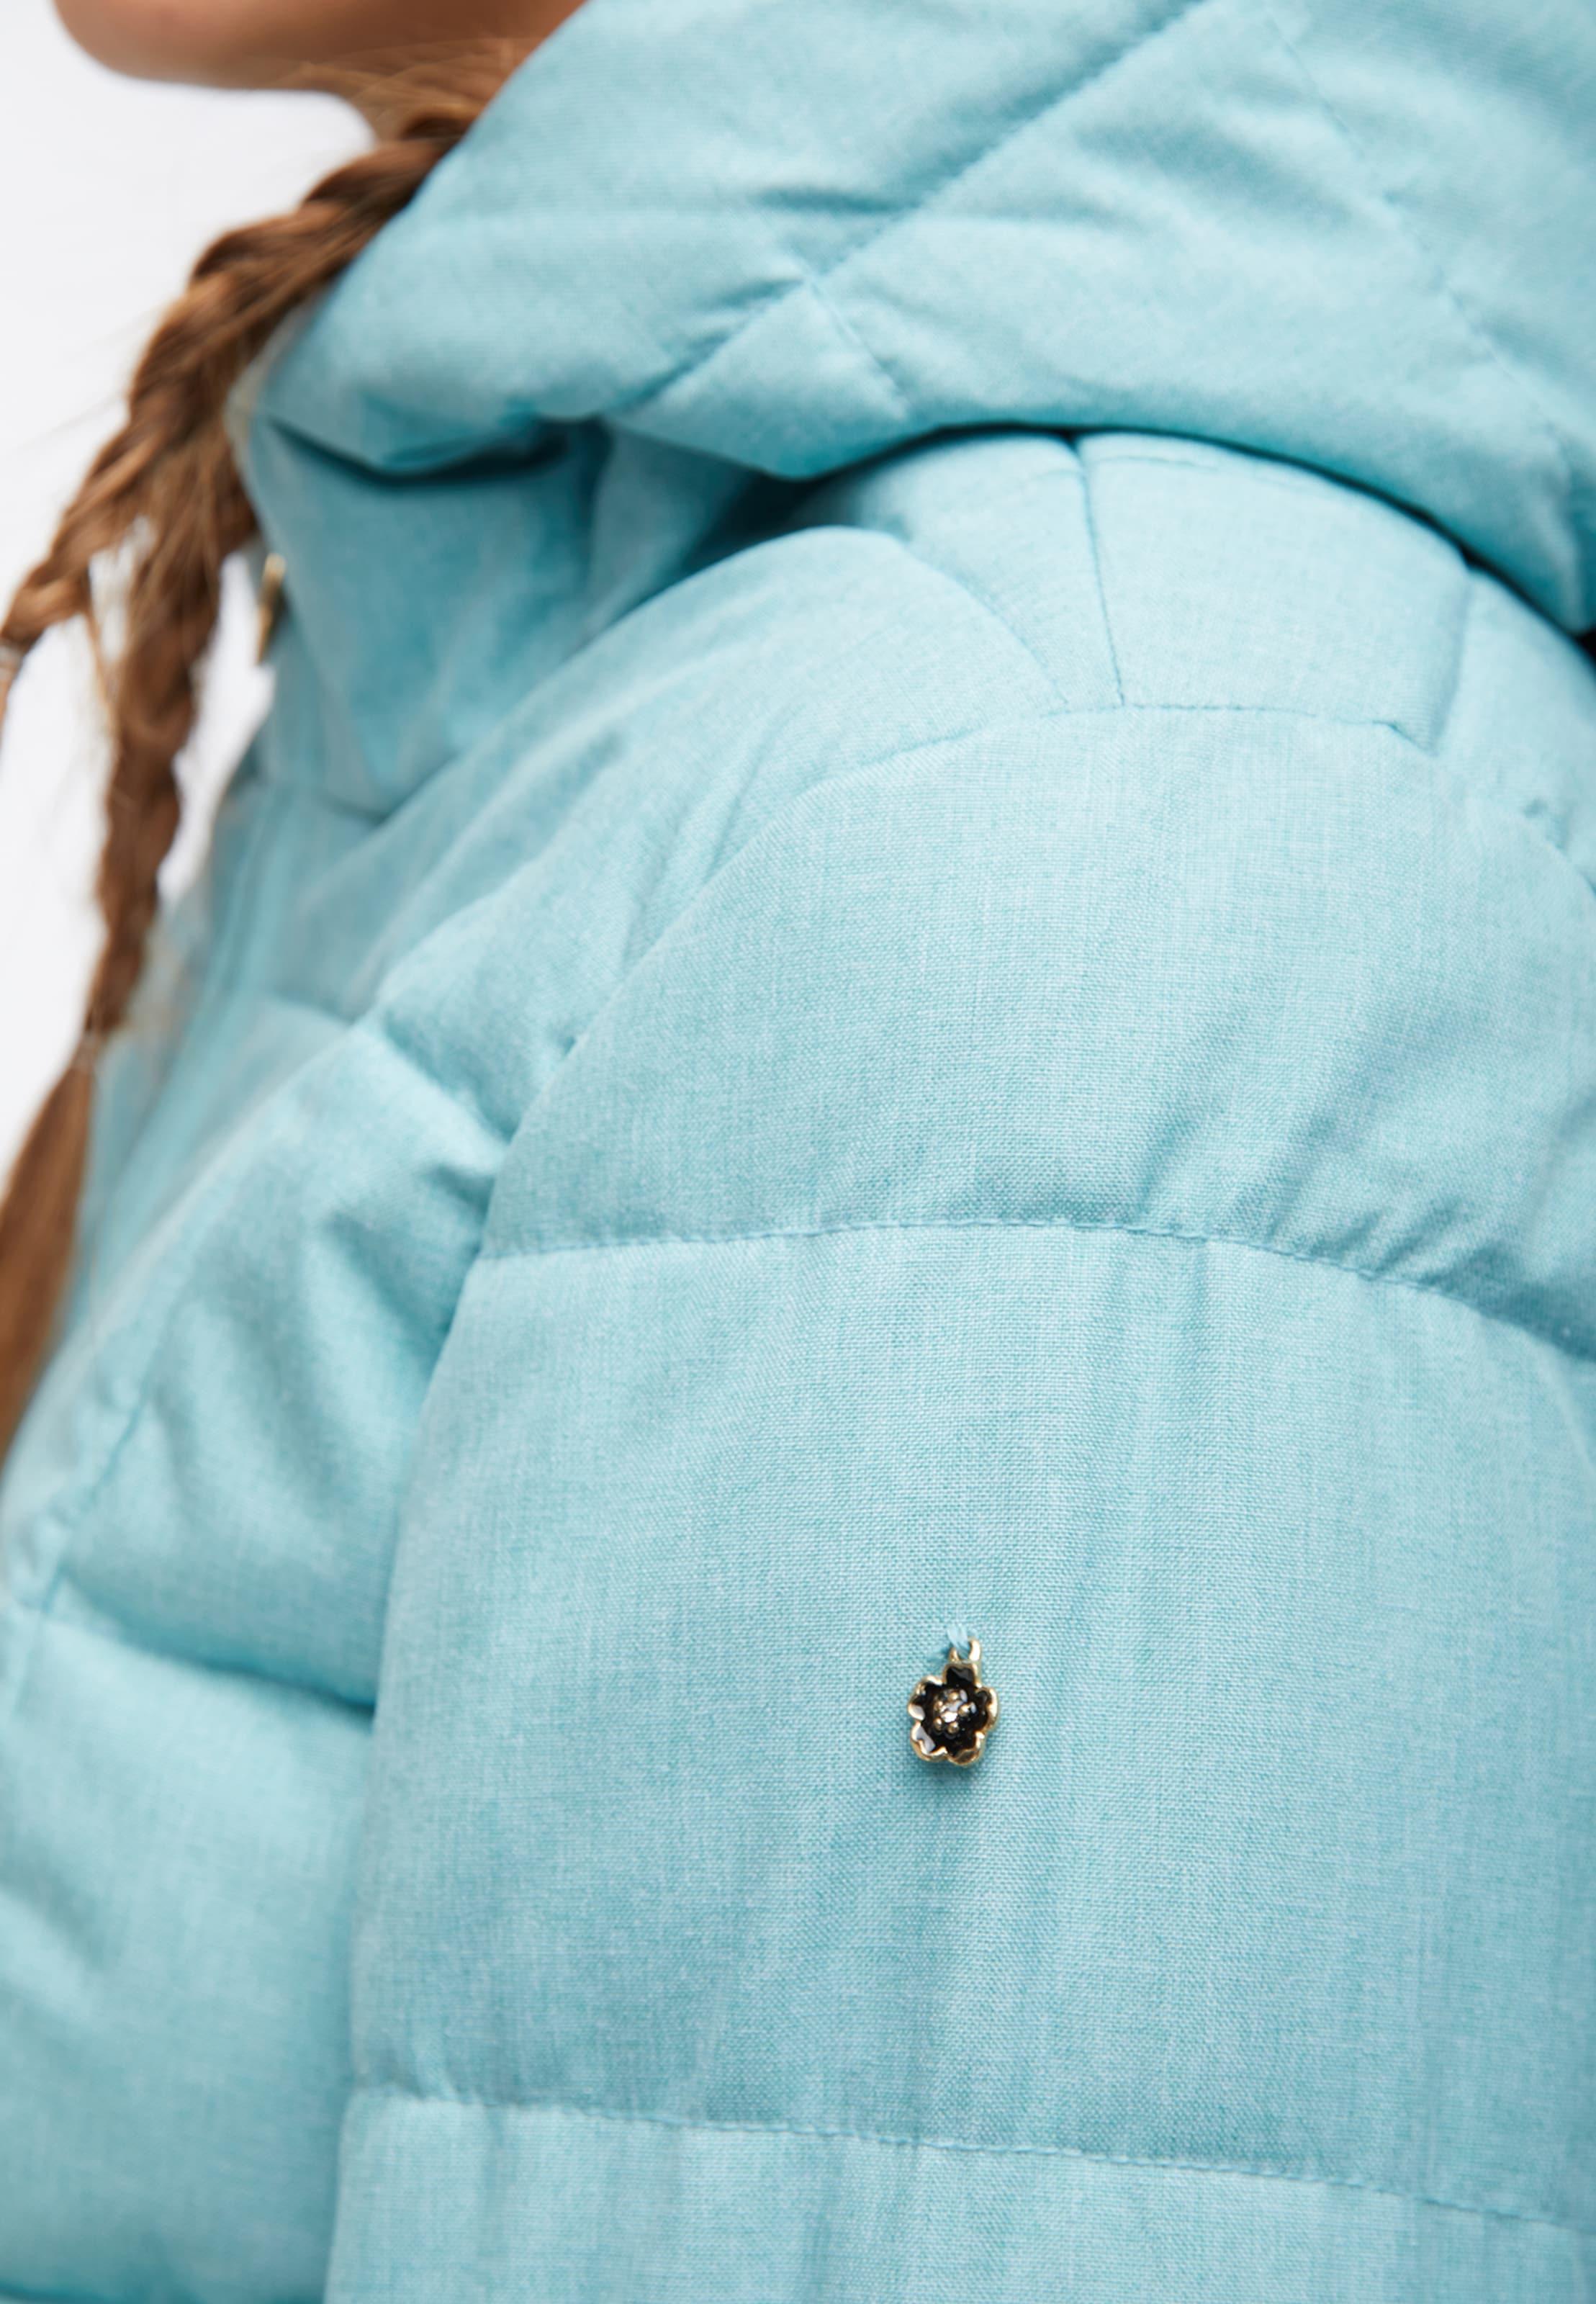 Veste Clair D'hiver En Bleu Mymo c5Rj34qAL